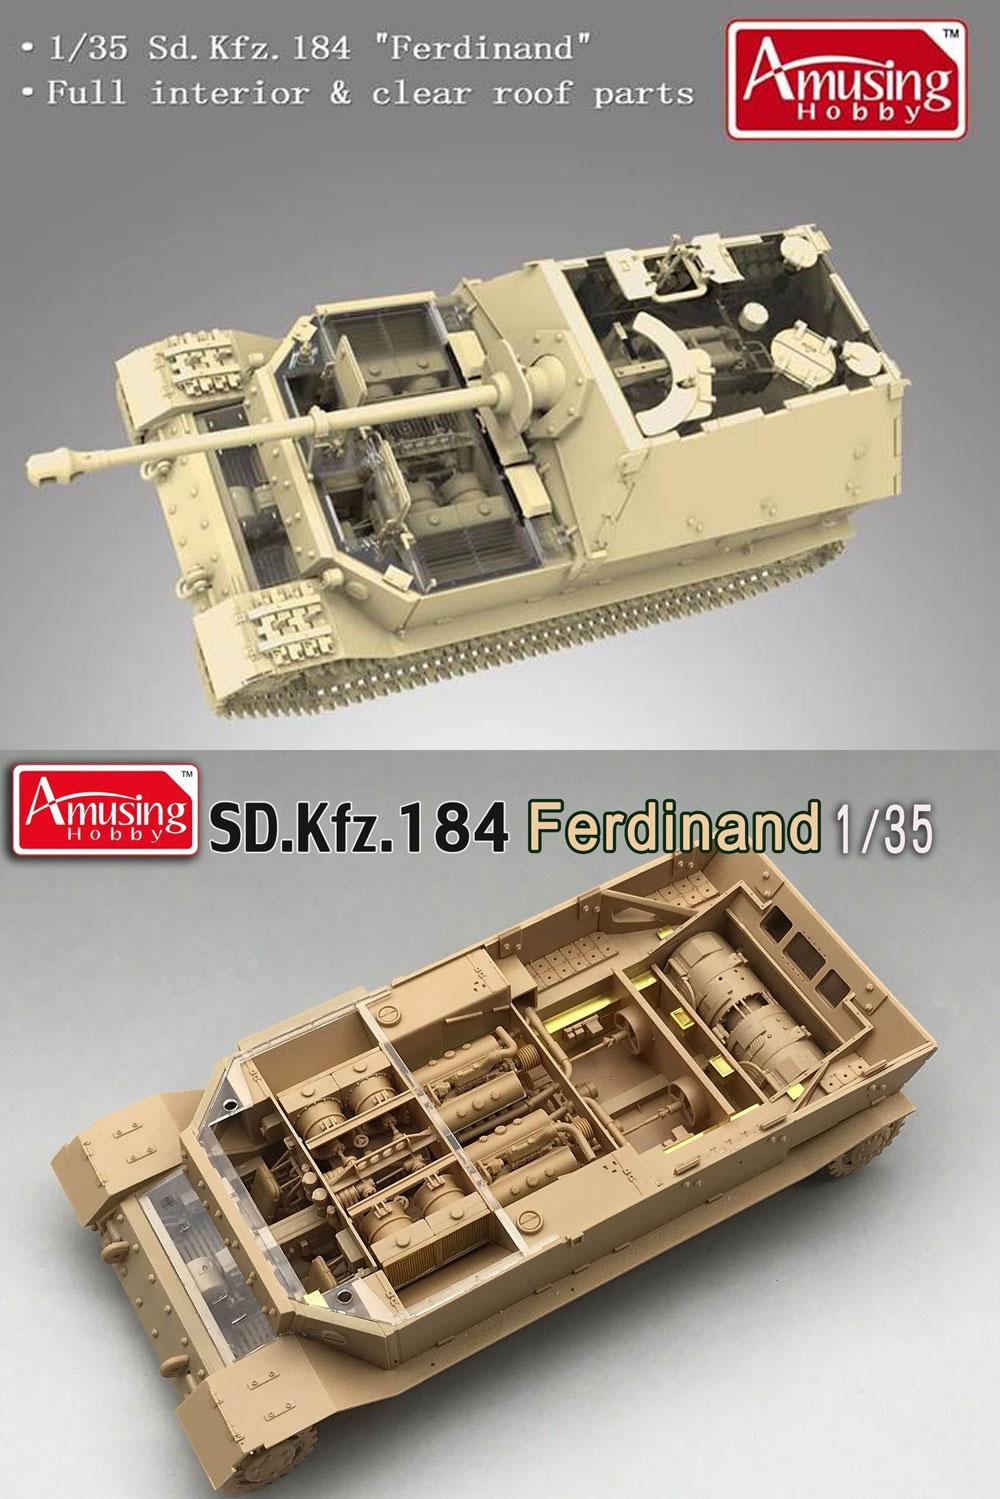 ドイツ 重駆逐戦車 フェルディナント (フルインテリア) & 16t ストラボクレーンプラモデル(アミュージングホビー1/35 ミリタリーNo.35A030)商品画像_3